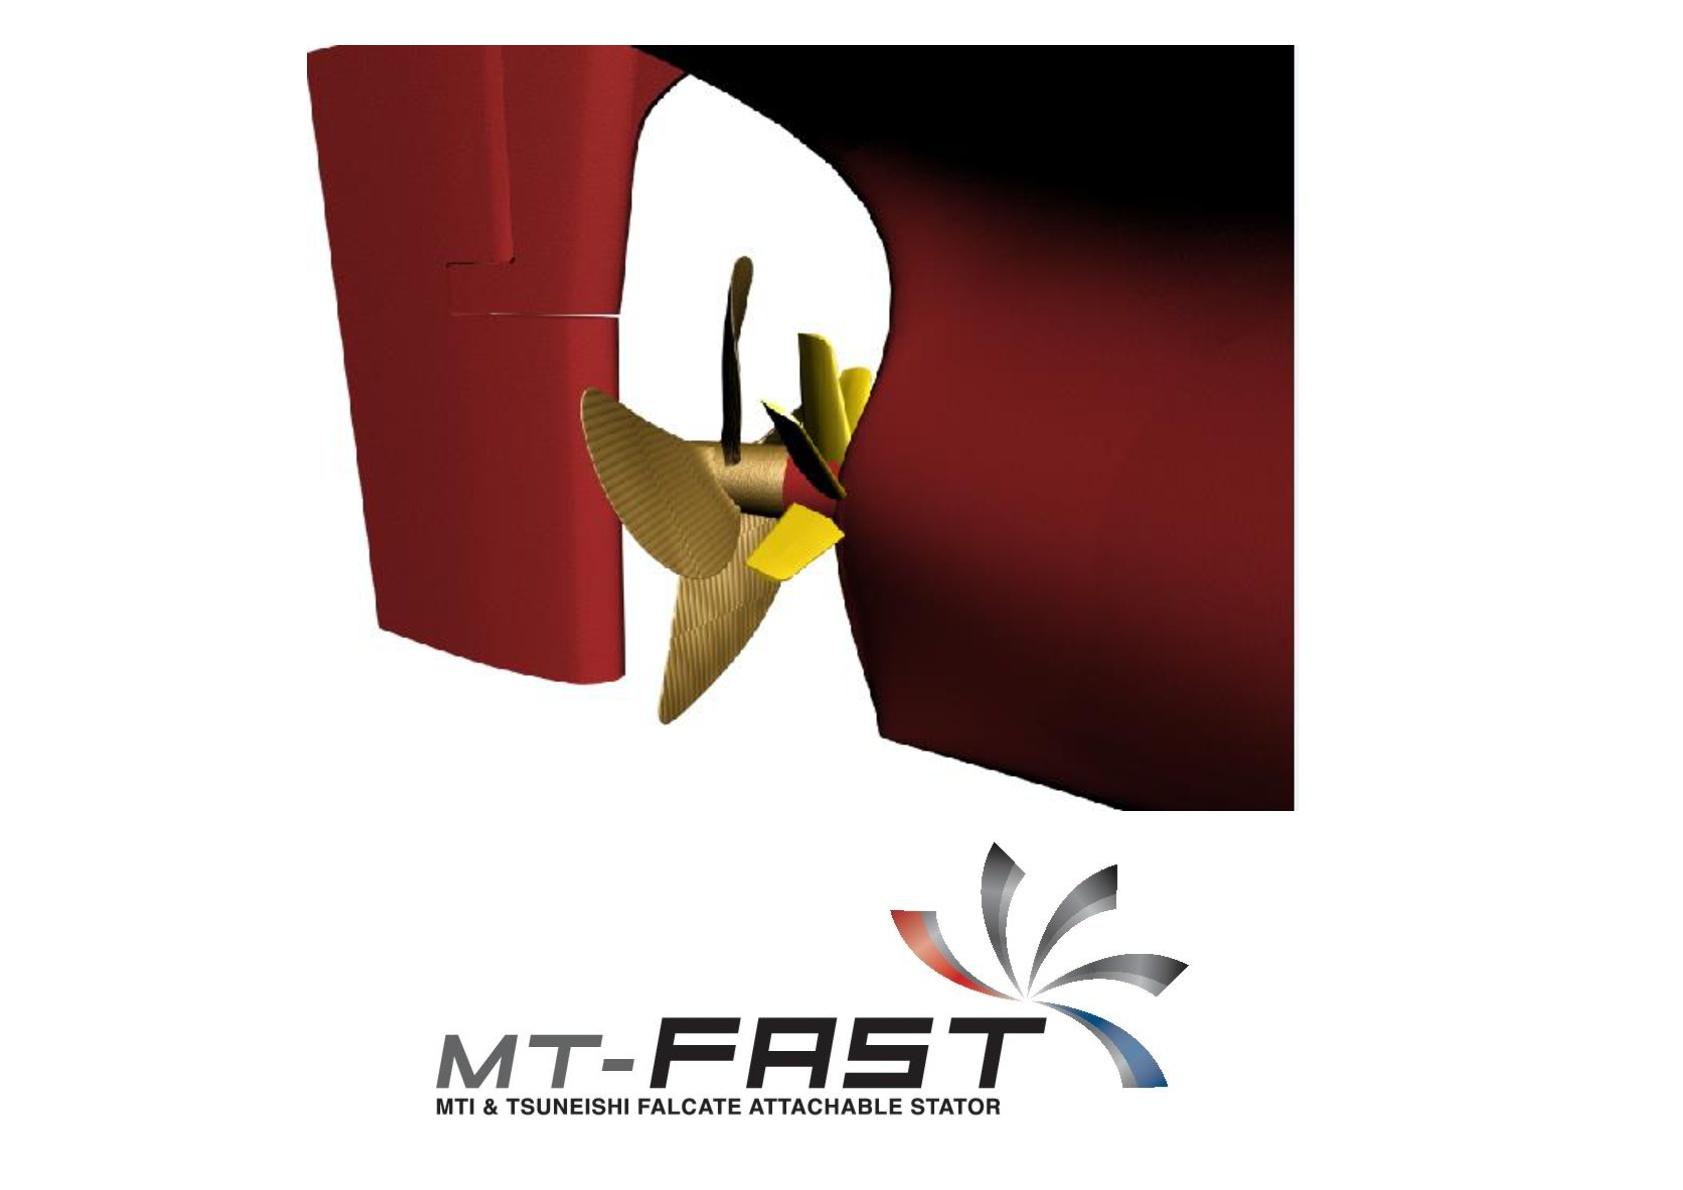 省エネ船体付加物「MT-FAST」